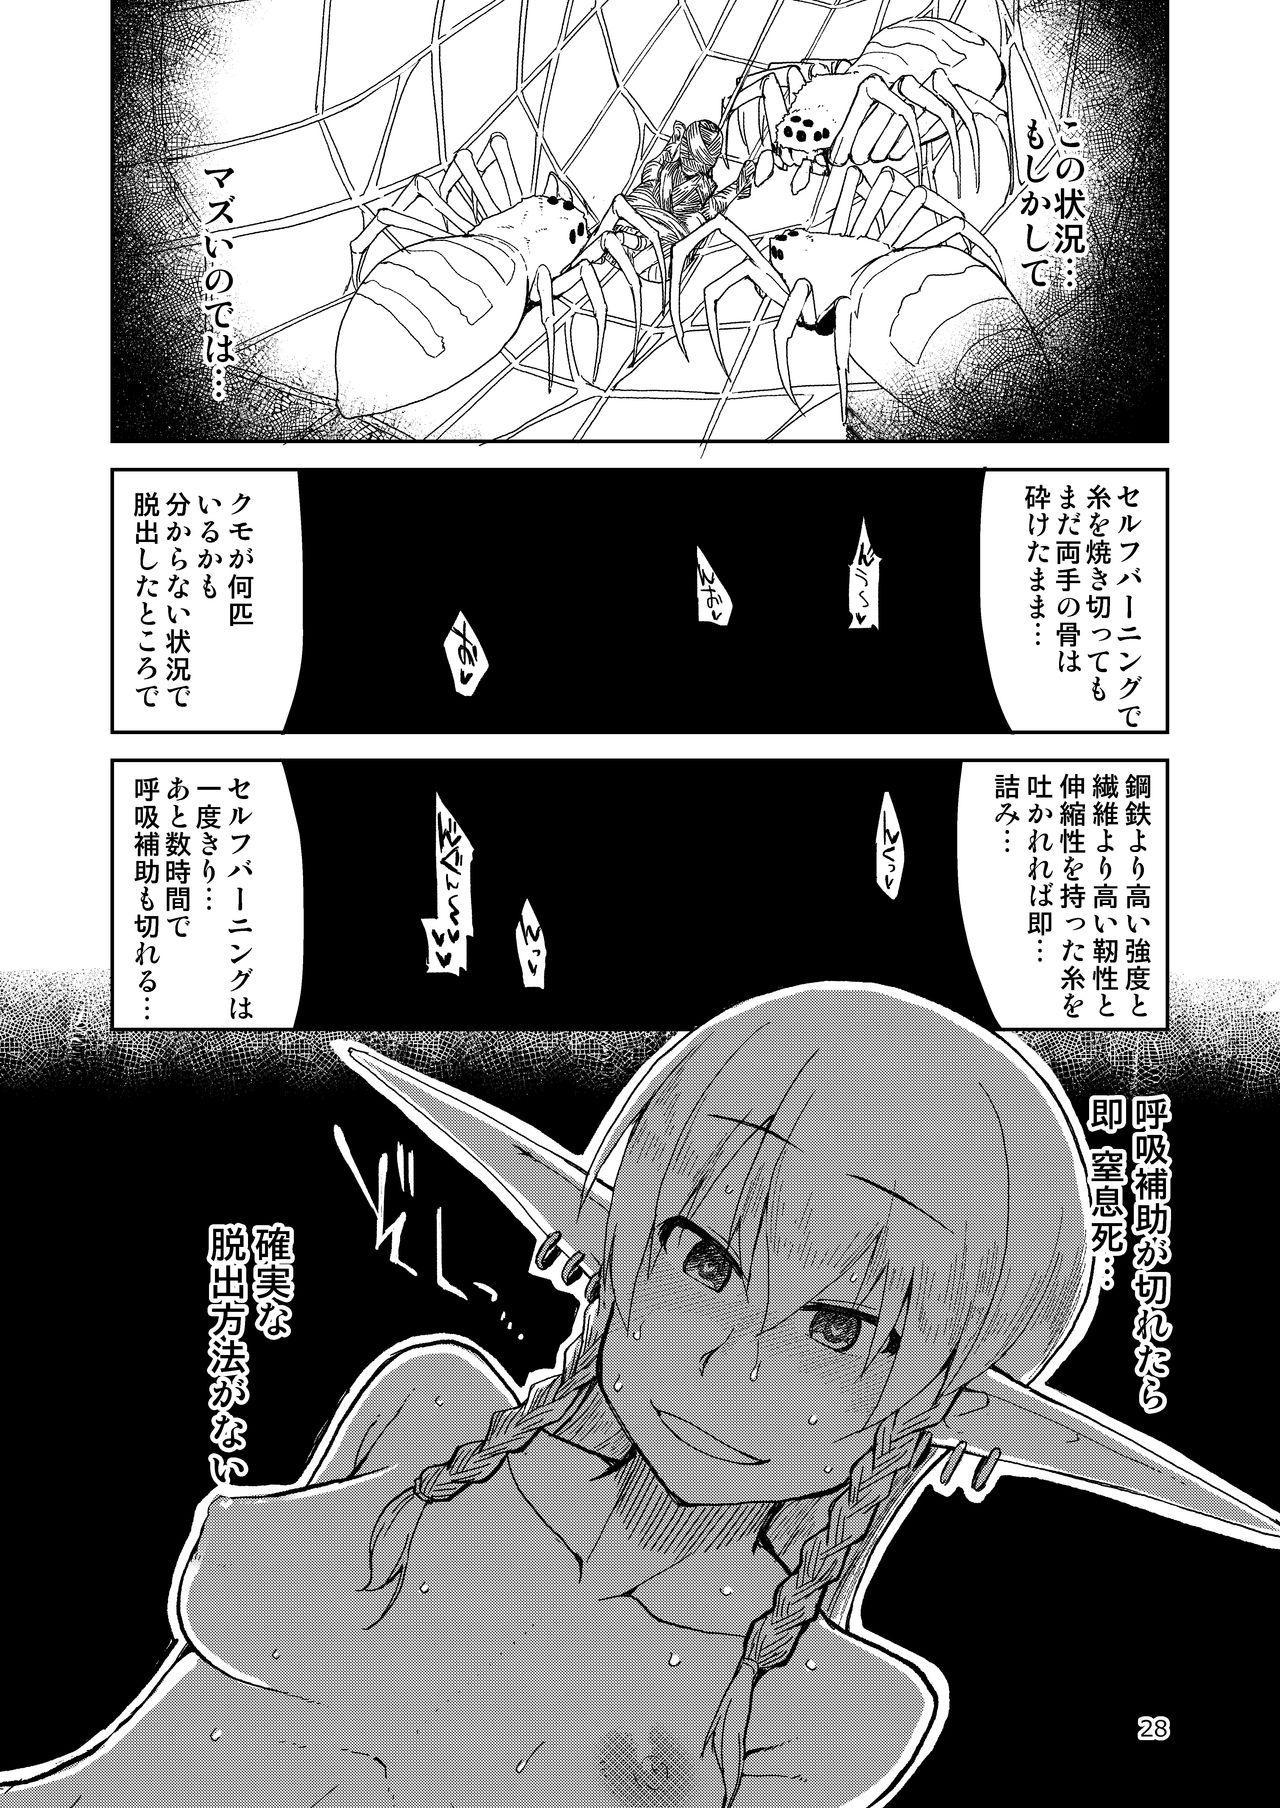 Dosukebe Elf no Ishukan Nikki Matome 2 28